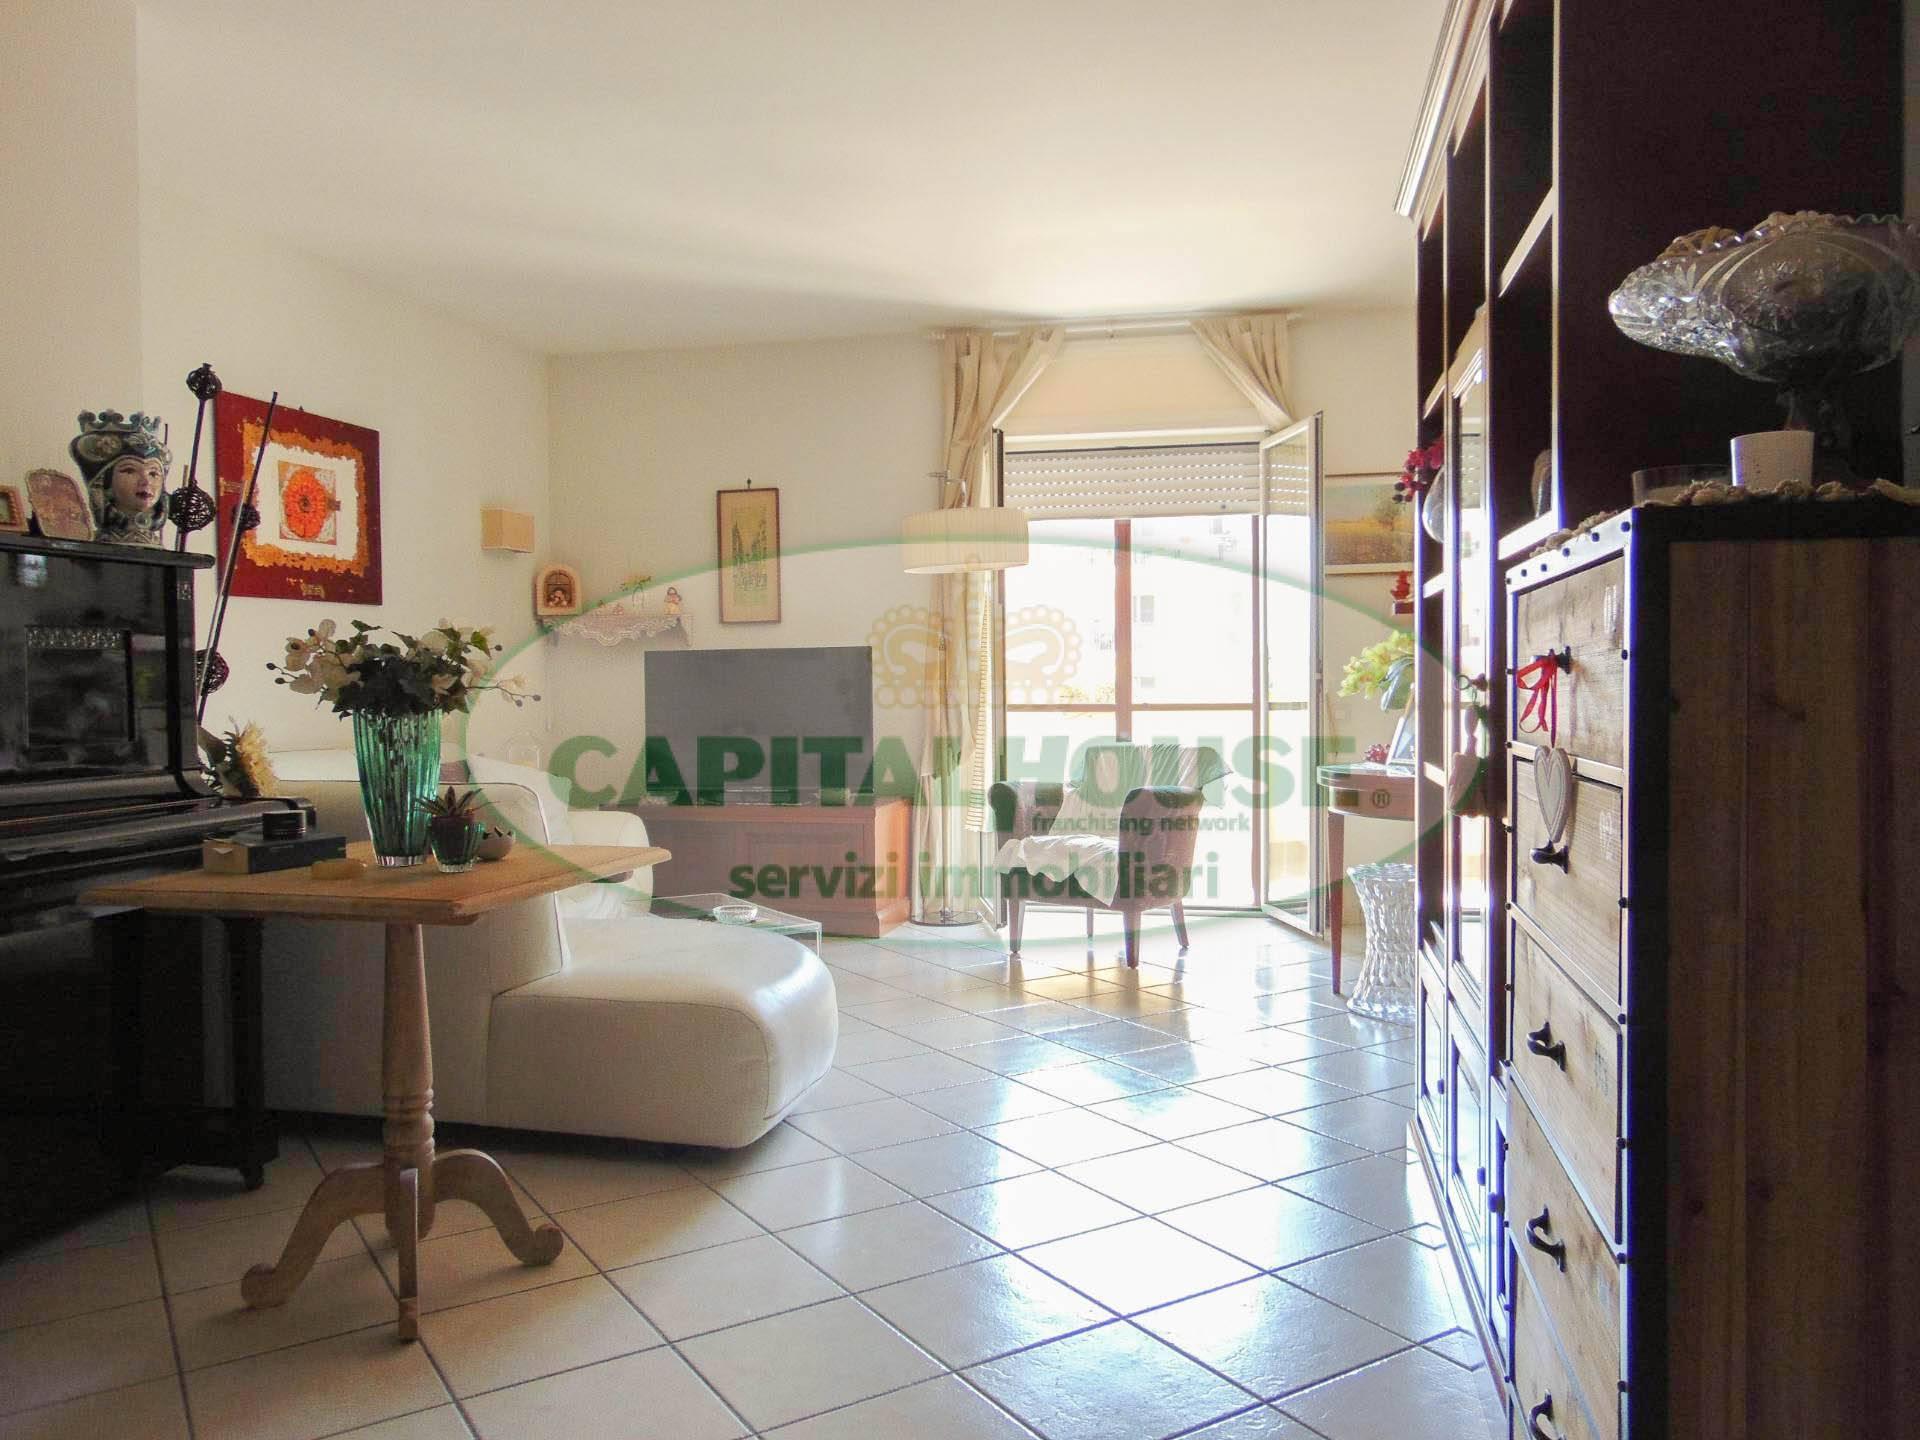 195SAN PRISCO  Appartamento in Vendita a San Prisco  Zona Piscina